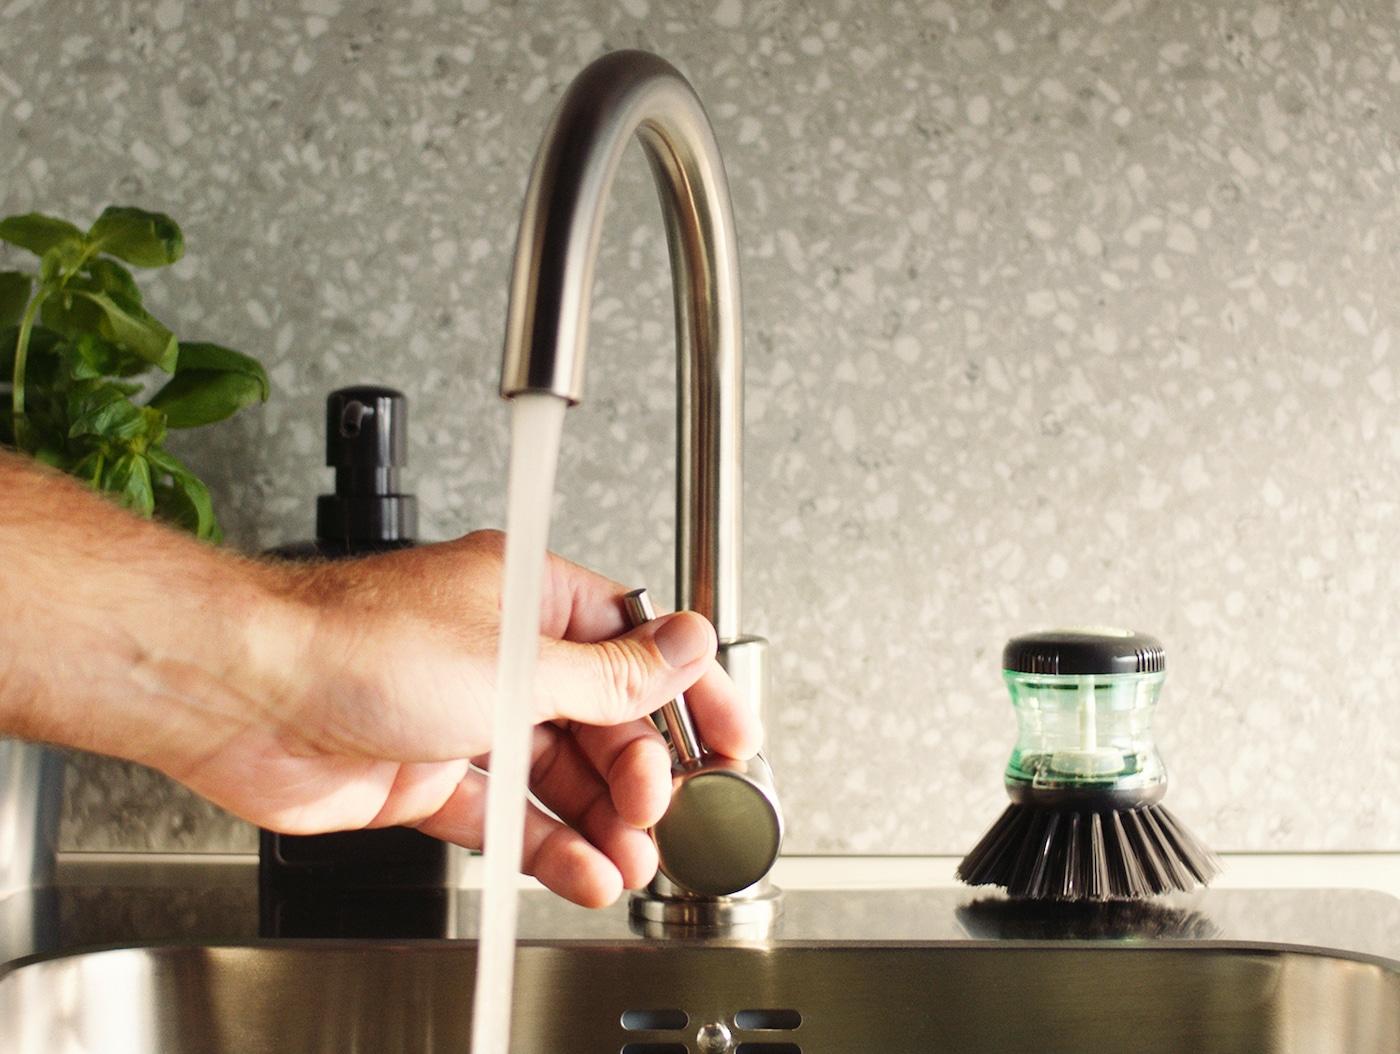 Ei hånd regulerer vannstrømmen fra et GLYPEN blandebatteri i rustfritt stål ved siden av en TÅRTSMET oppvaskbørste.